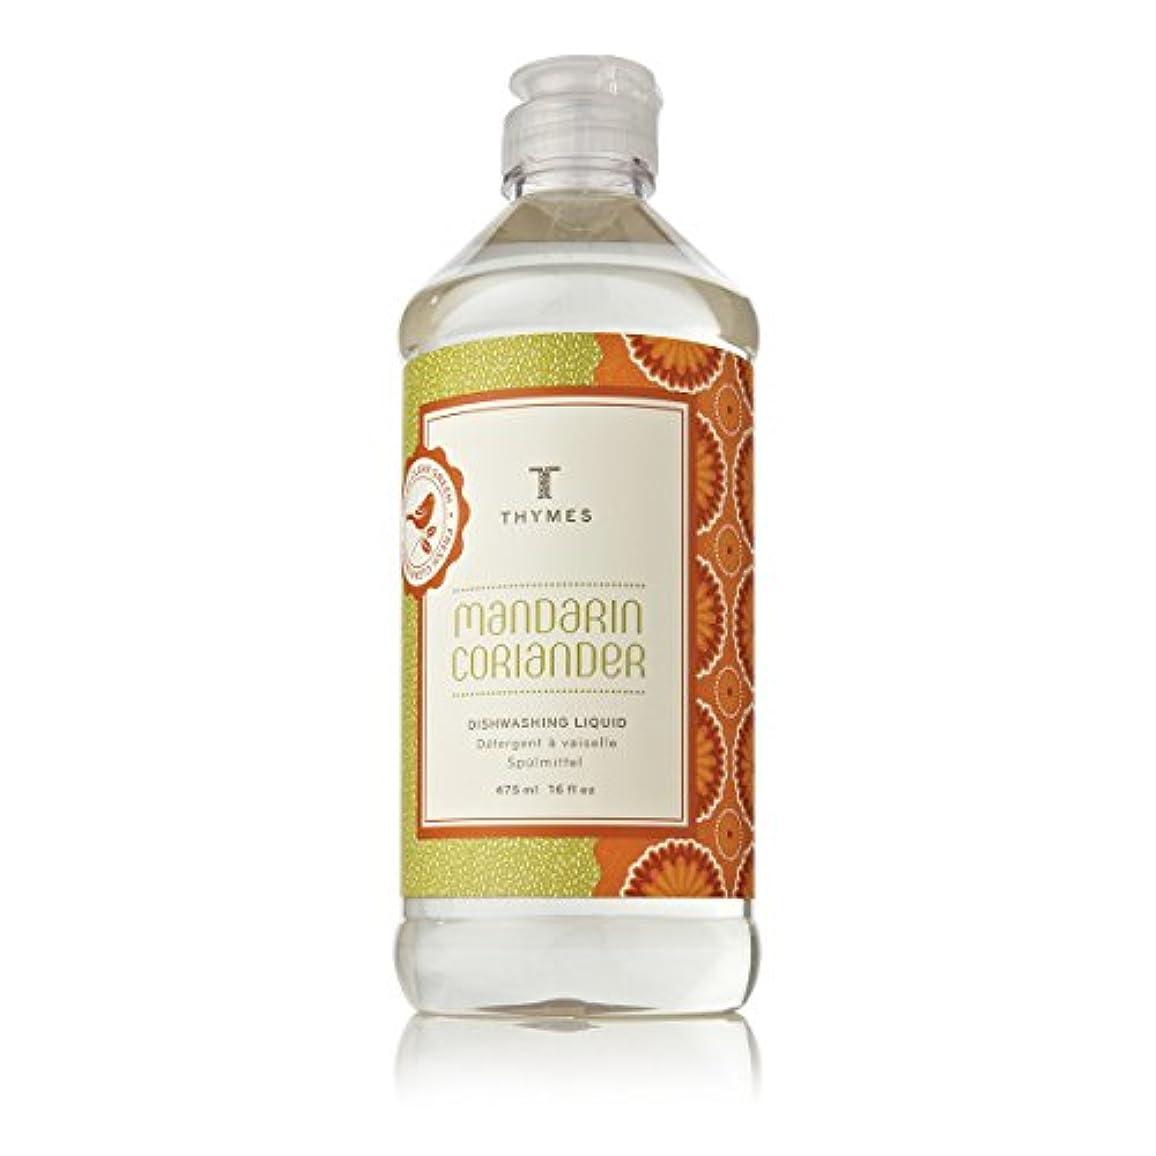 物語回転する活性化するThymes Mandarin Coriander Dishwashing Liquid - Oz. Natural Body Hand 0510720100 by Thymes [並行輸入品]